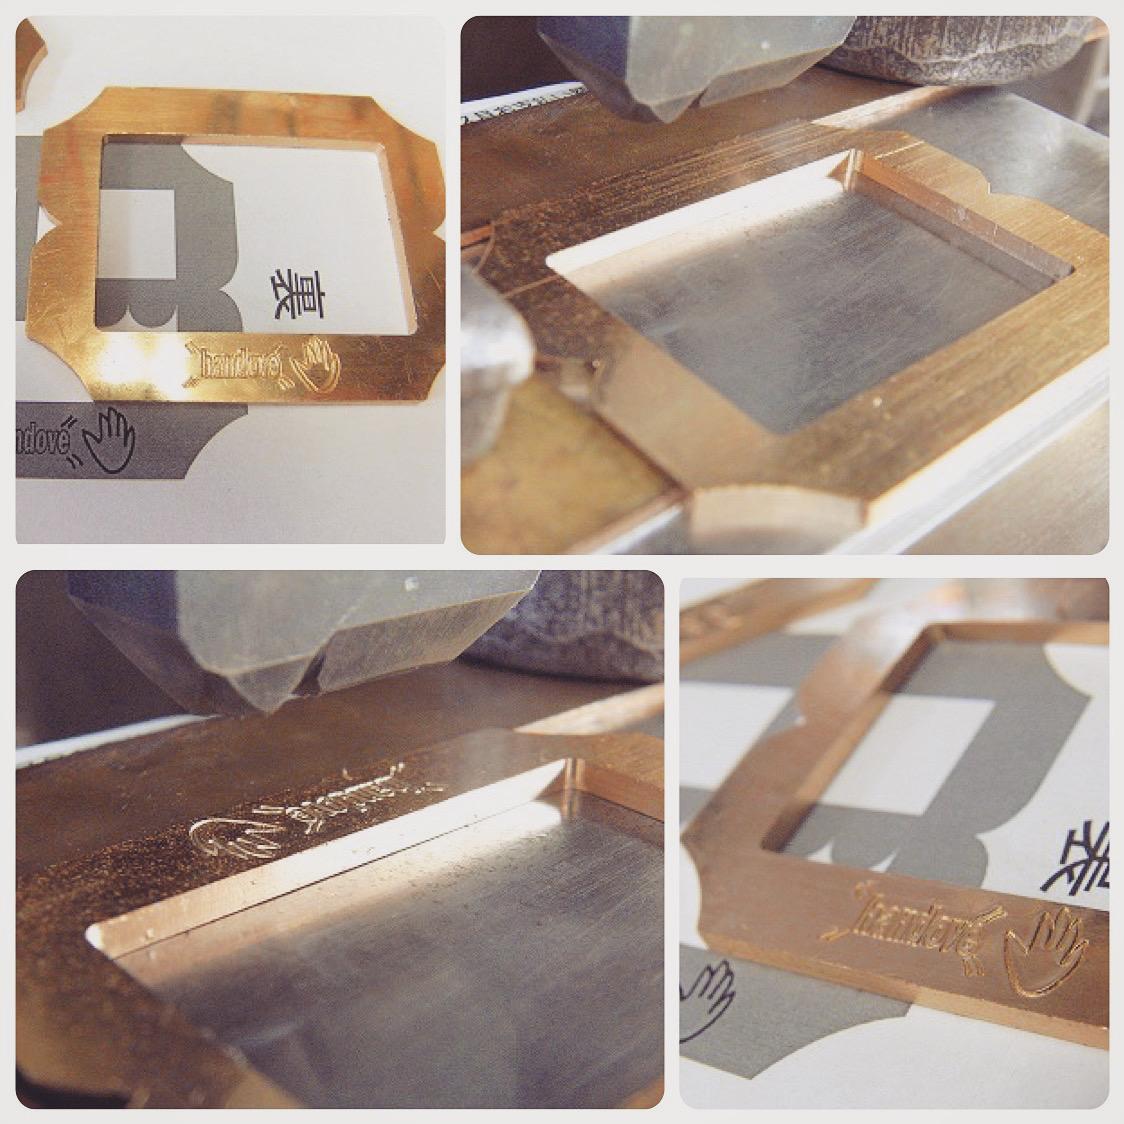 真ちゅう磨き仕上げなので、真ちゅう特有の経年変化(味)を楽しむ事ができます。  真ちゅうを彫刻機にて削り出し、成形した後に、お客様ご指定のロゴとモチーフを手作業で刻印していきます。上部に少し見えるのが鋼製(日本刀と同じ材料)の刻印になります。